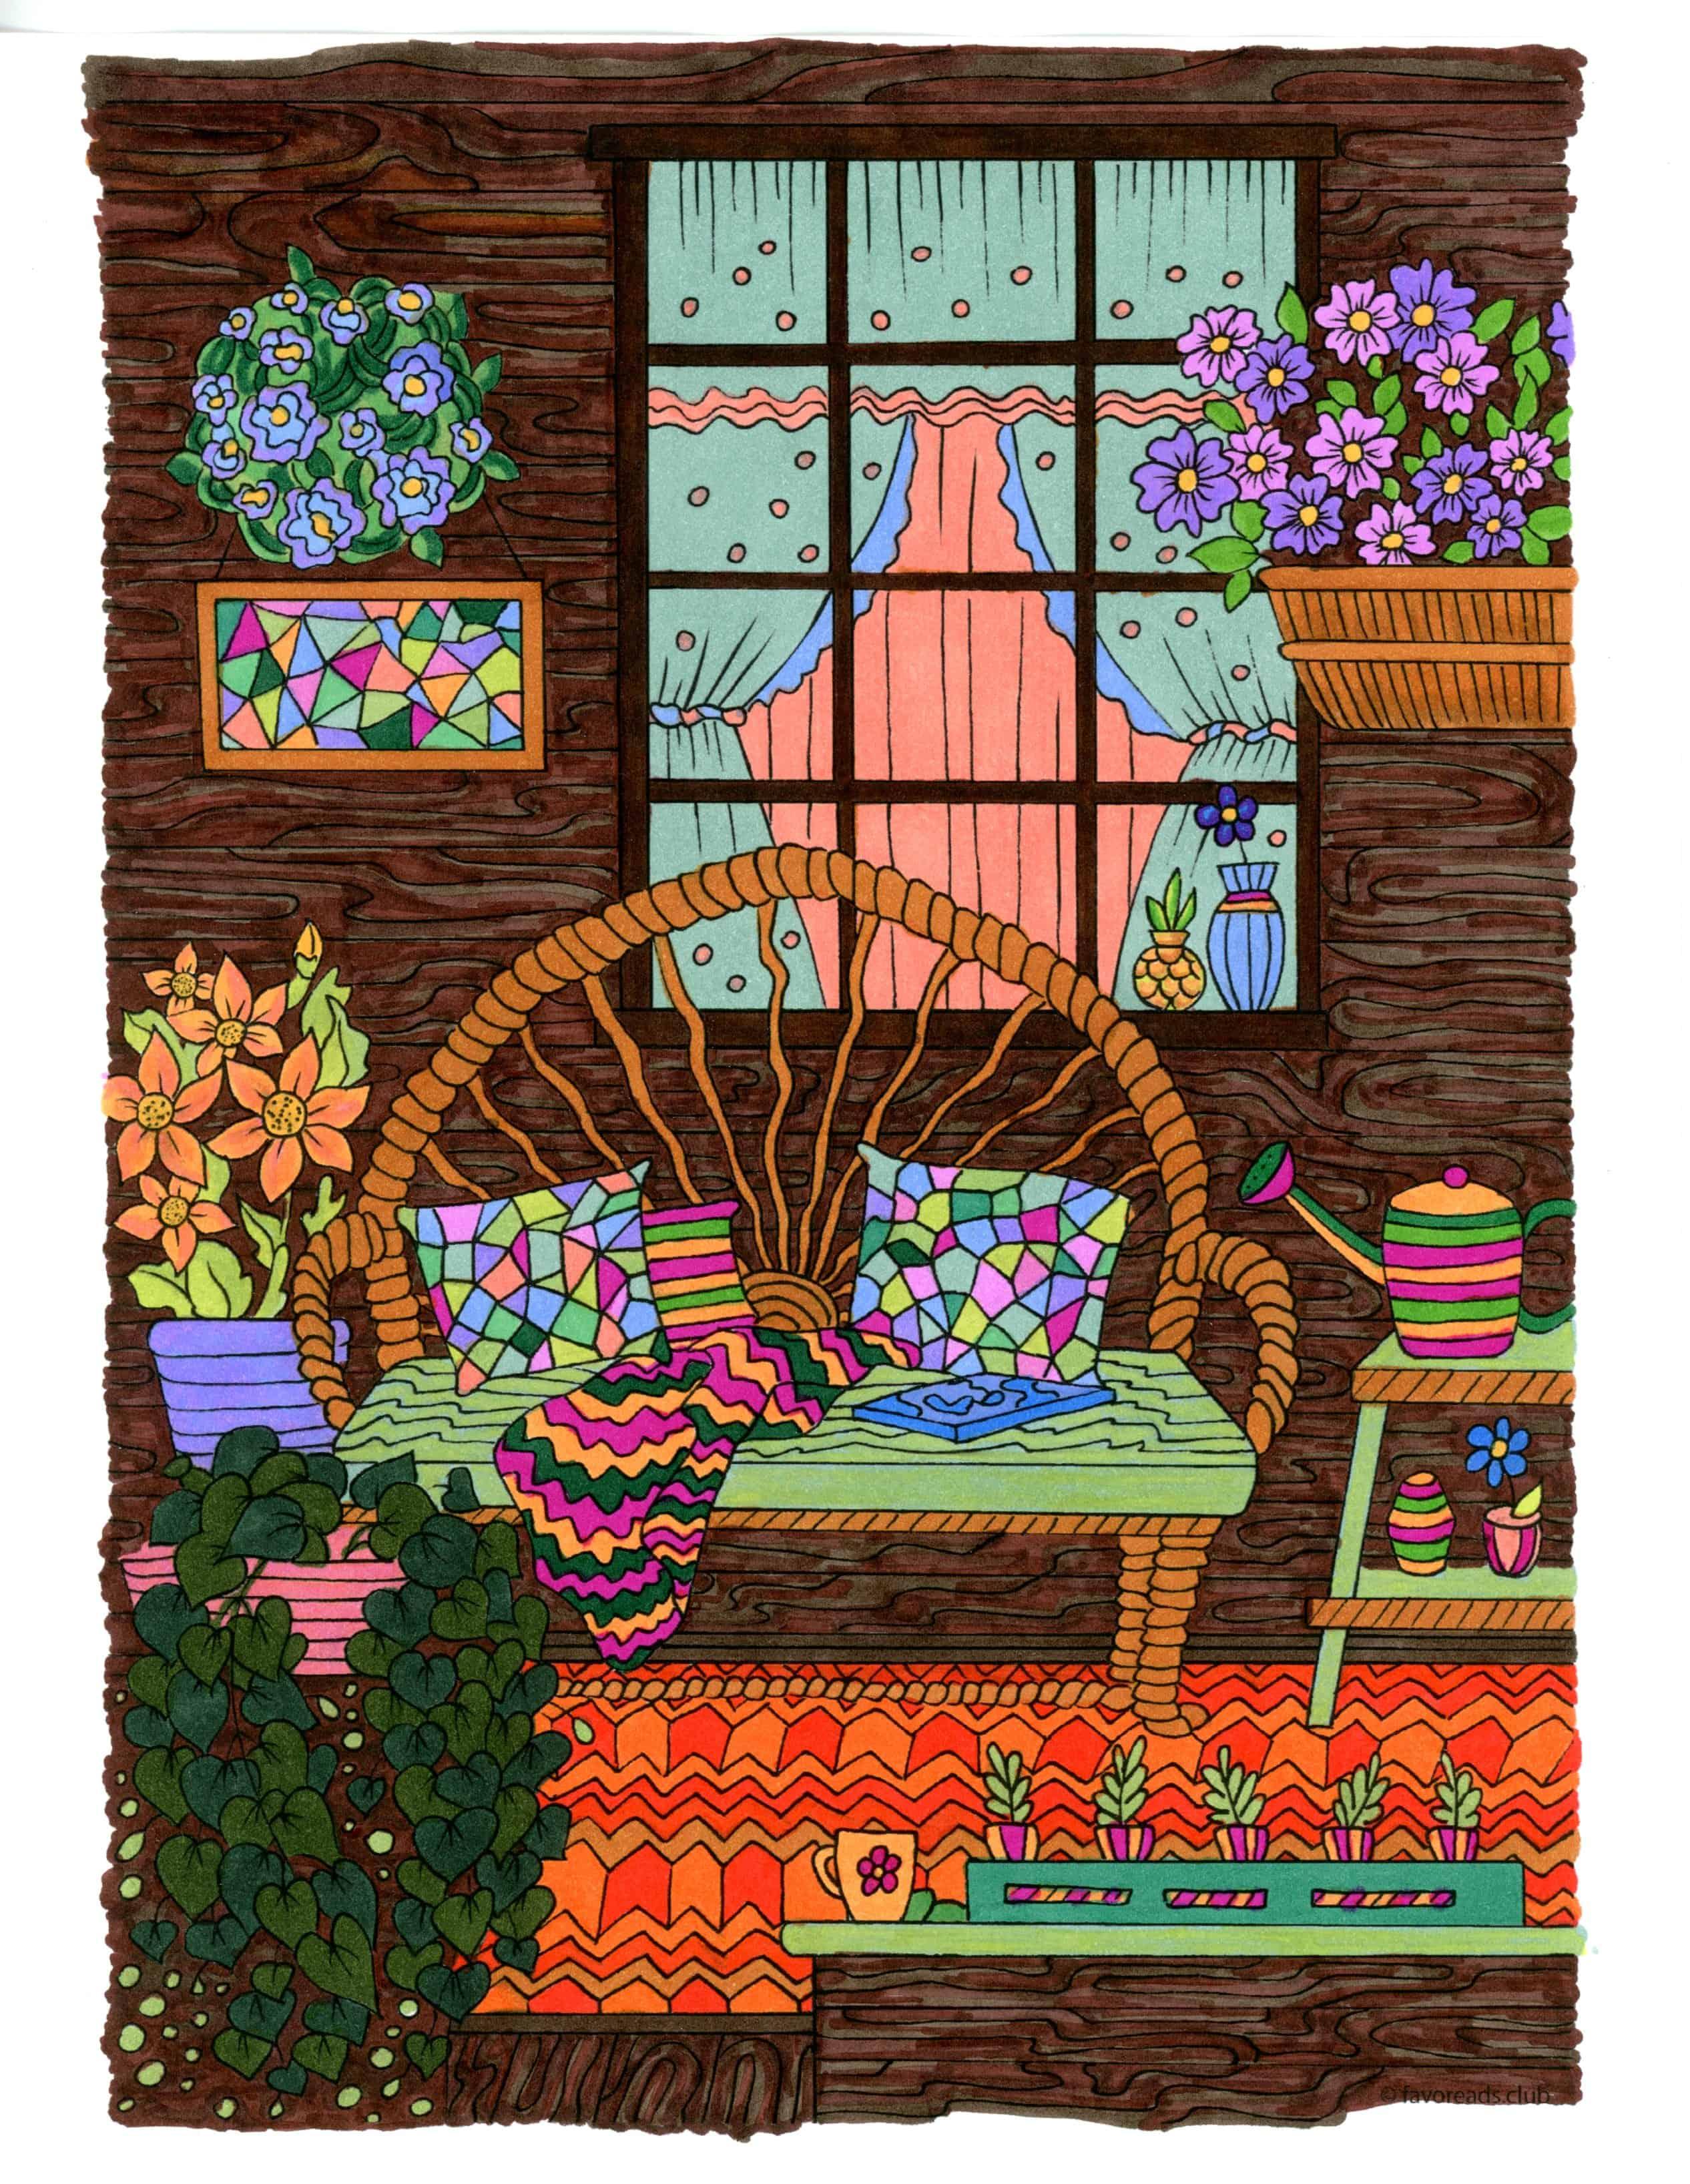 Country Spring – Comfy Porch